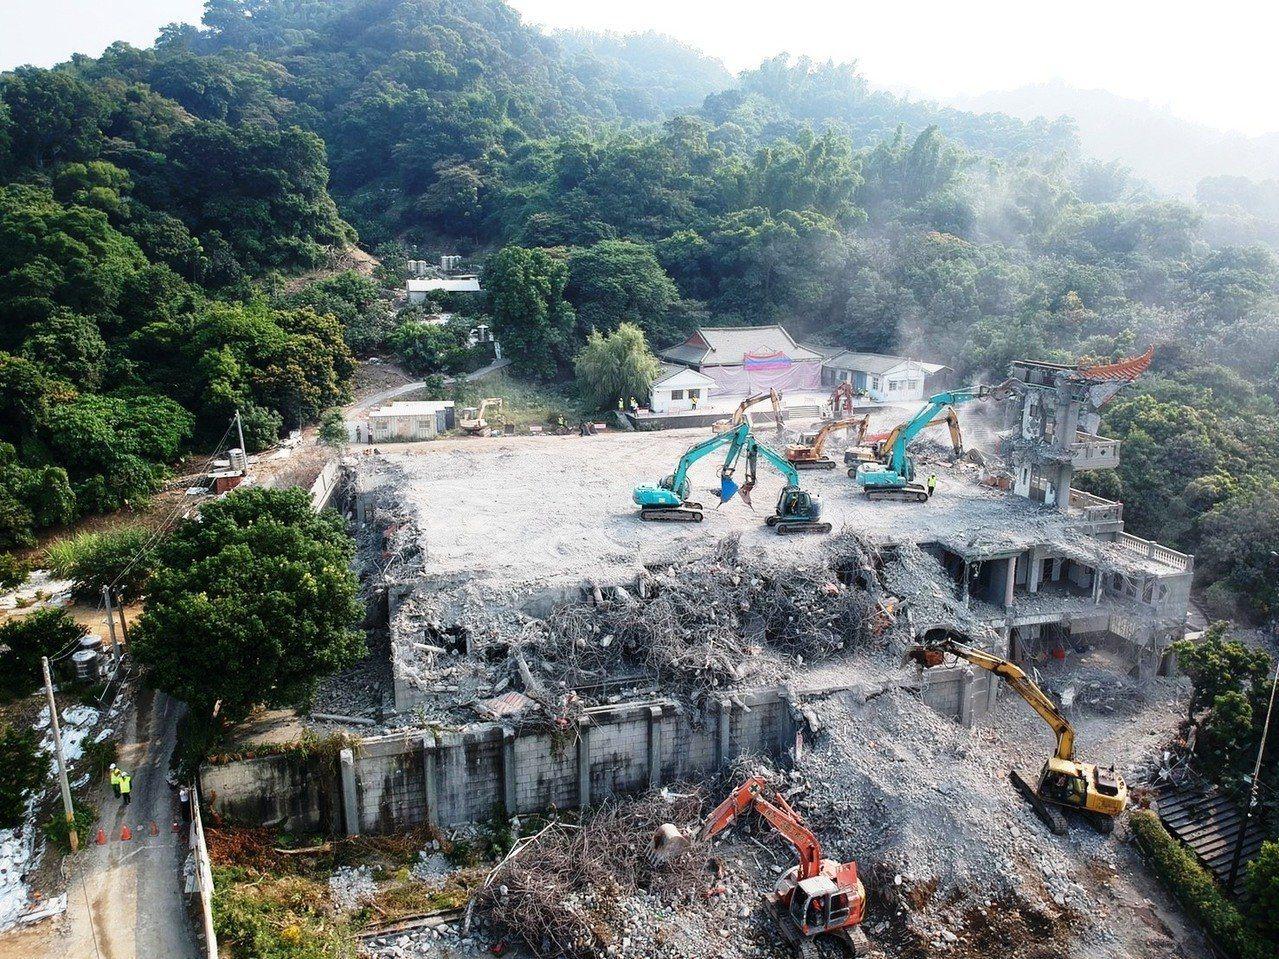 彰化二水碧雲禪寺去年被縣府認定違建拆除。報系資料照